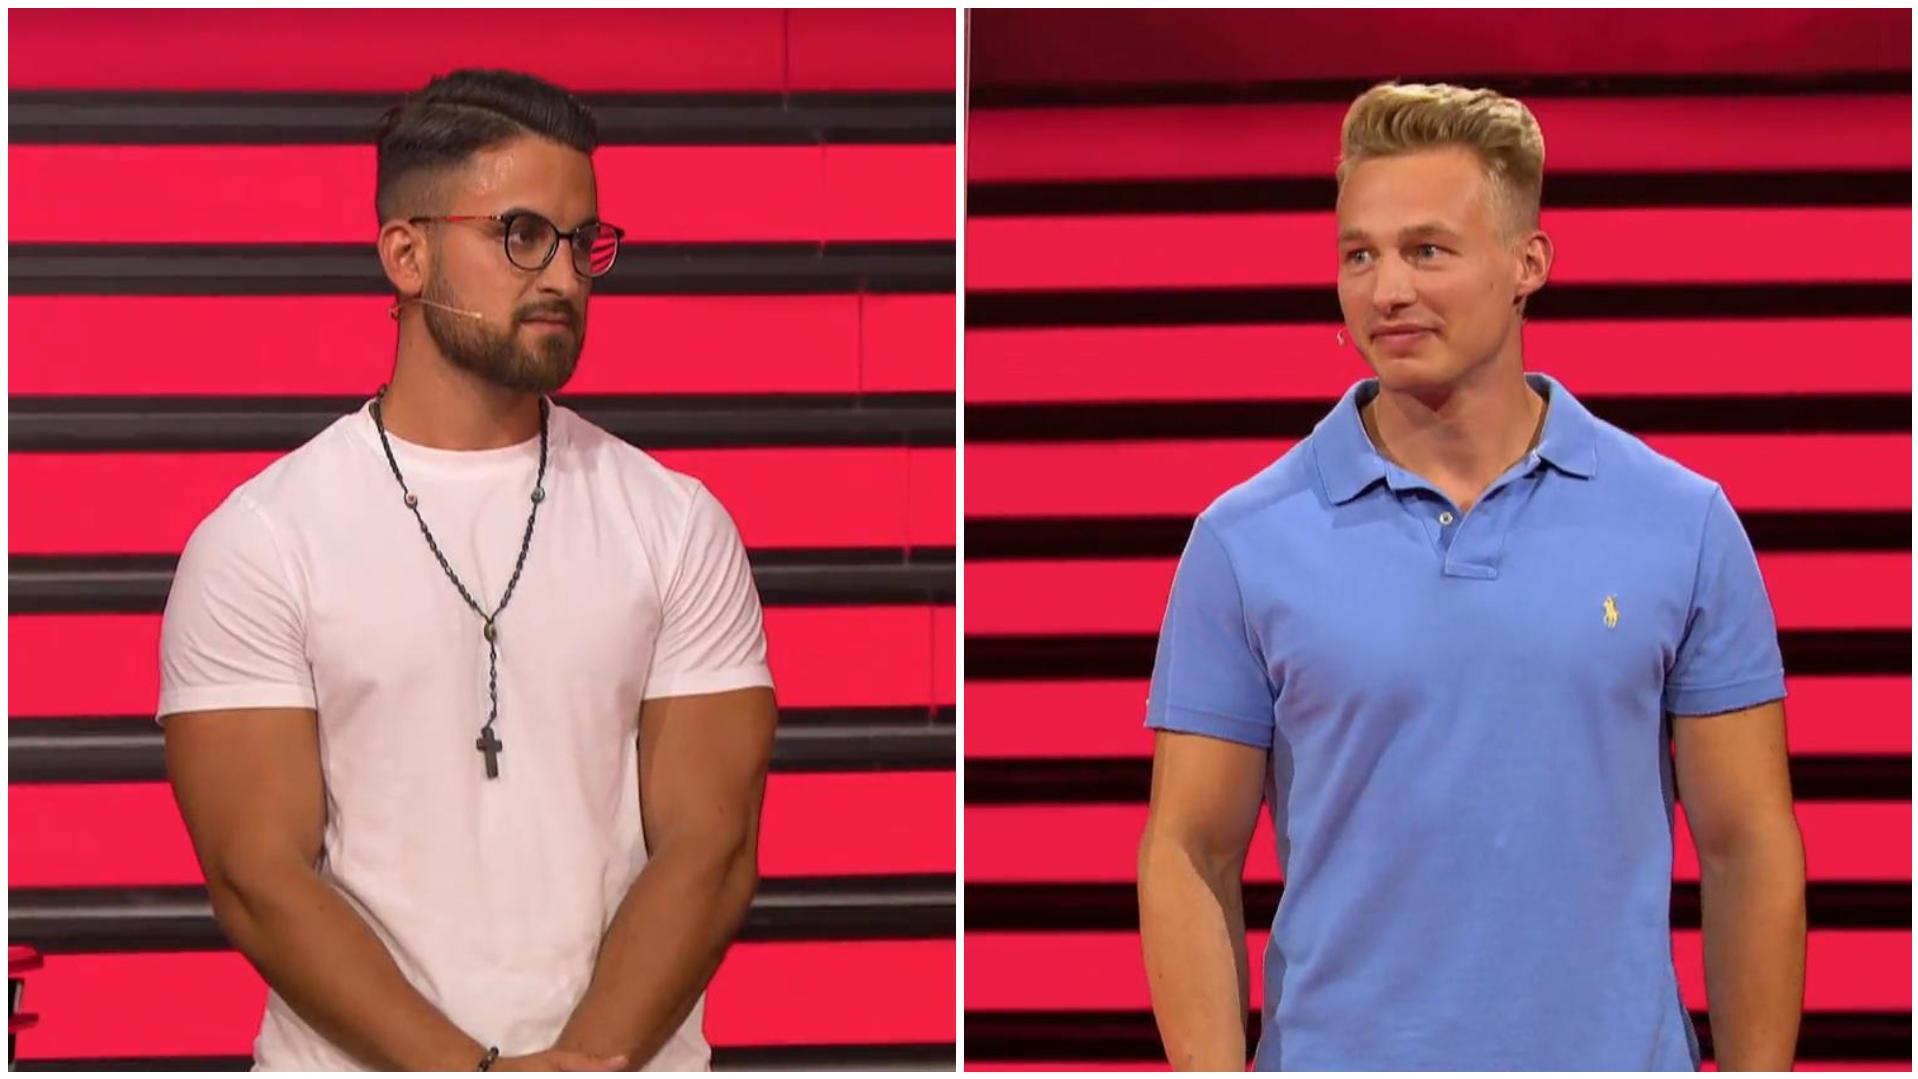 Take Me Out: 2 Outs in einer Show! So verschrecken German & Jannik die Single-Ladys